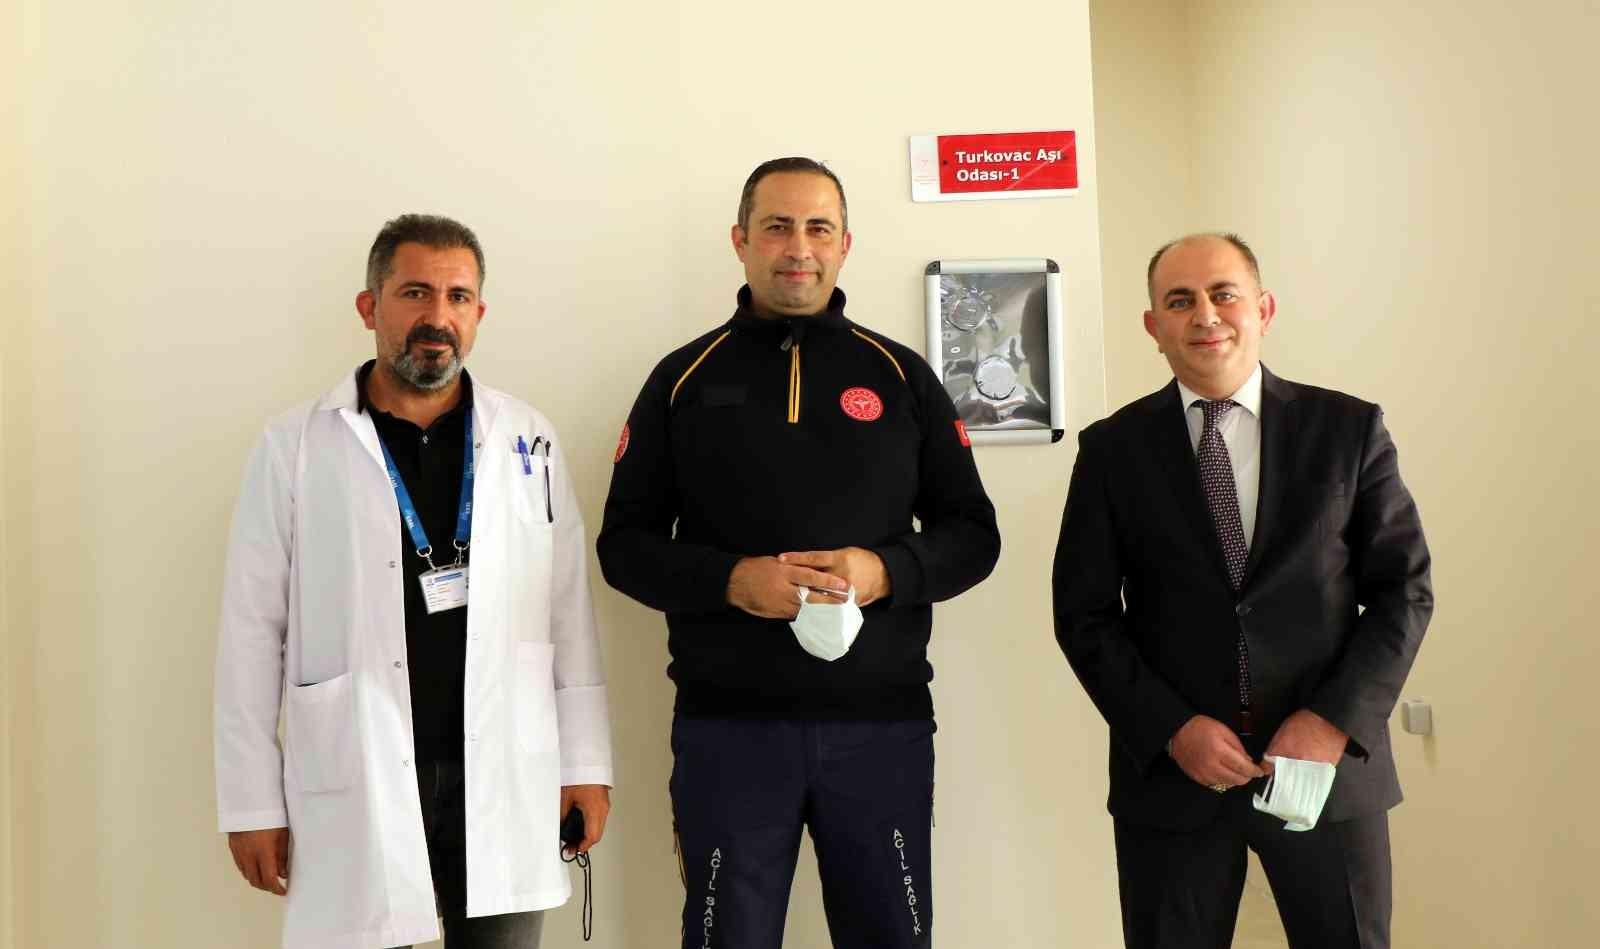 (Özel) Yerli Covid-19 aşısı 'TURKOVAC' için Erzincan'da Faz- 3 çalışması başladı